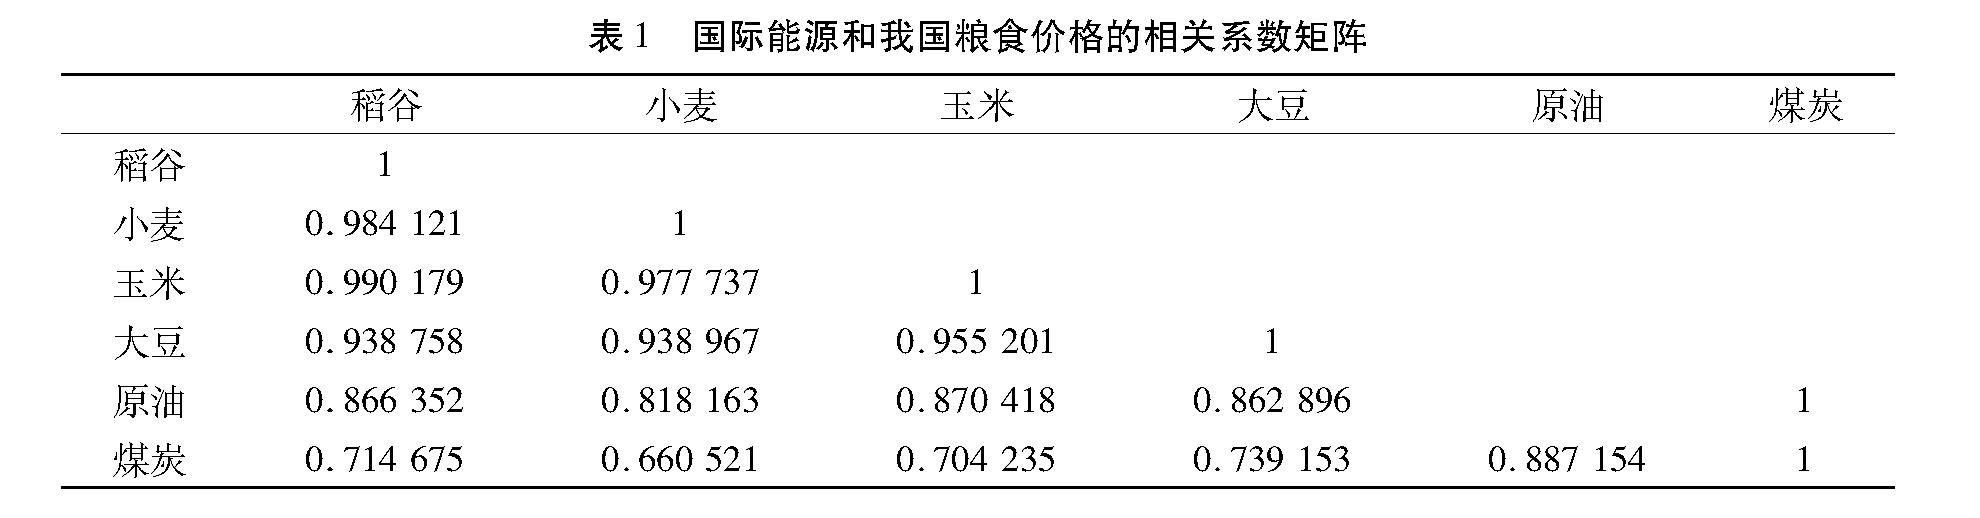 北京蔬菜新万博manbetx官网登录